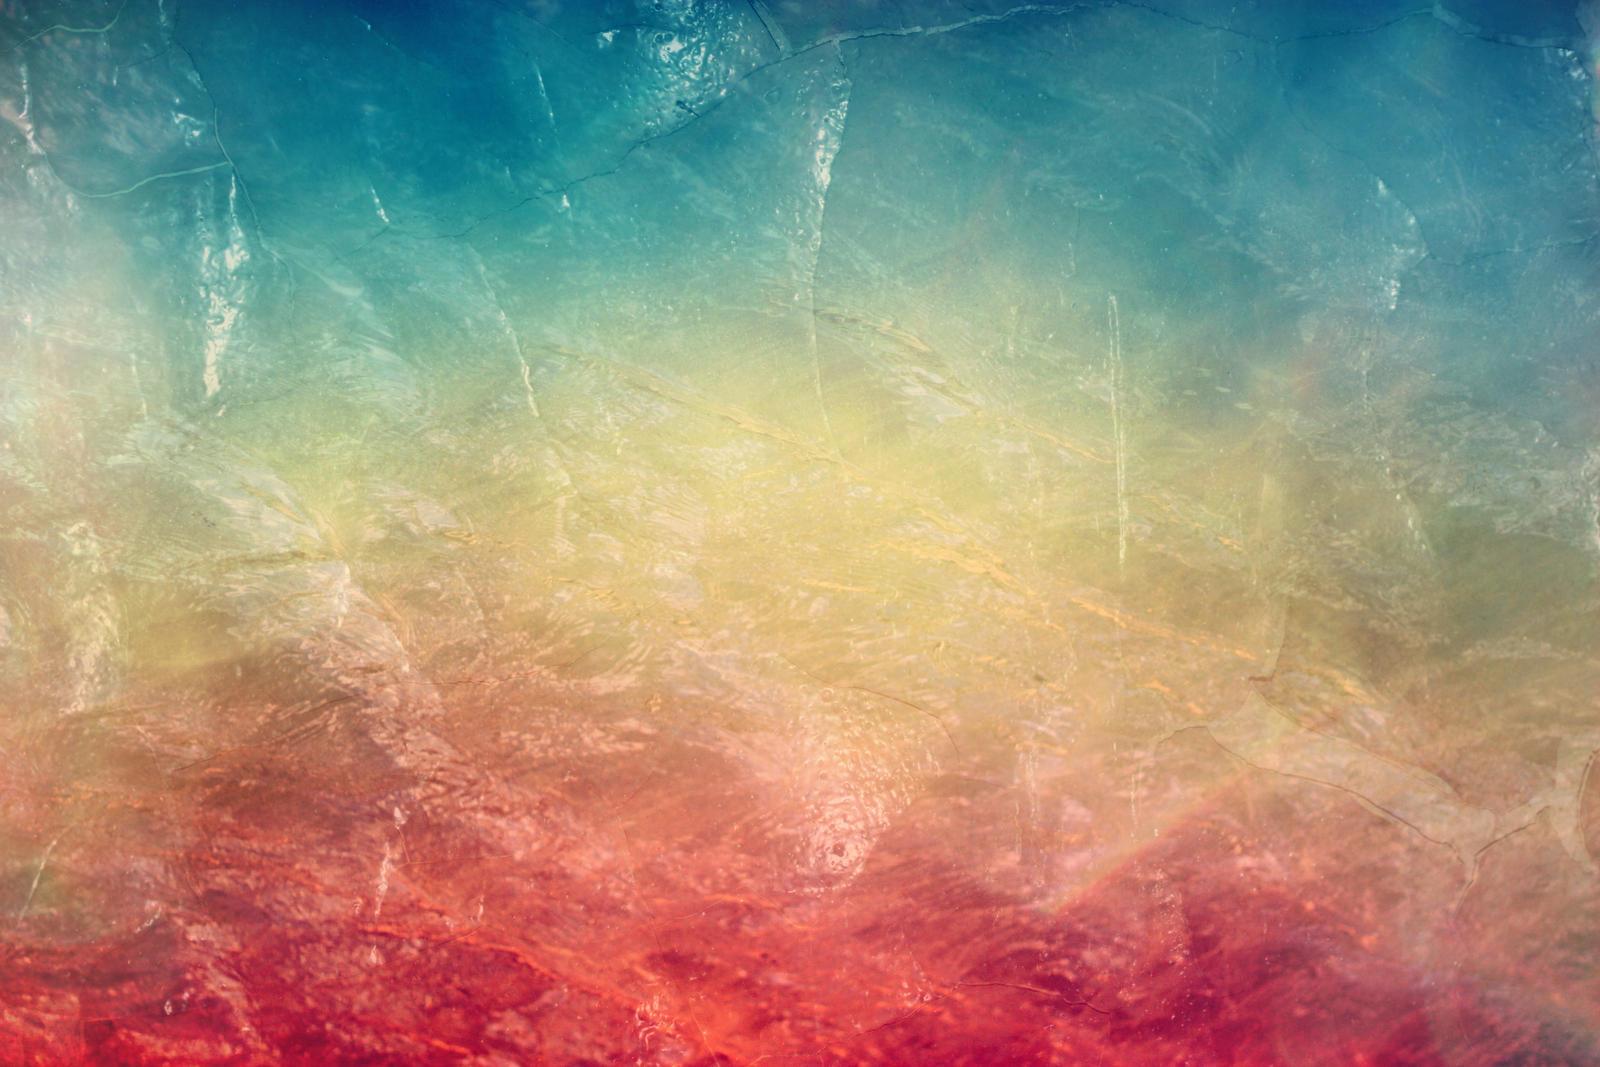 Texture 581 by Sirius-sdz